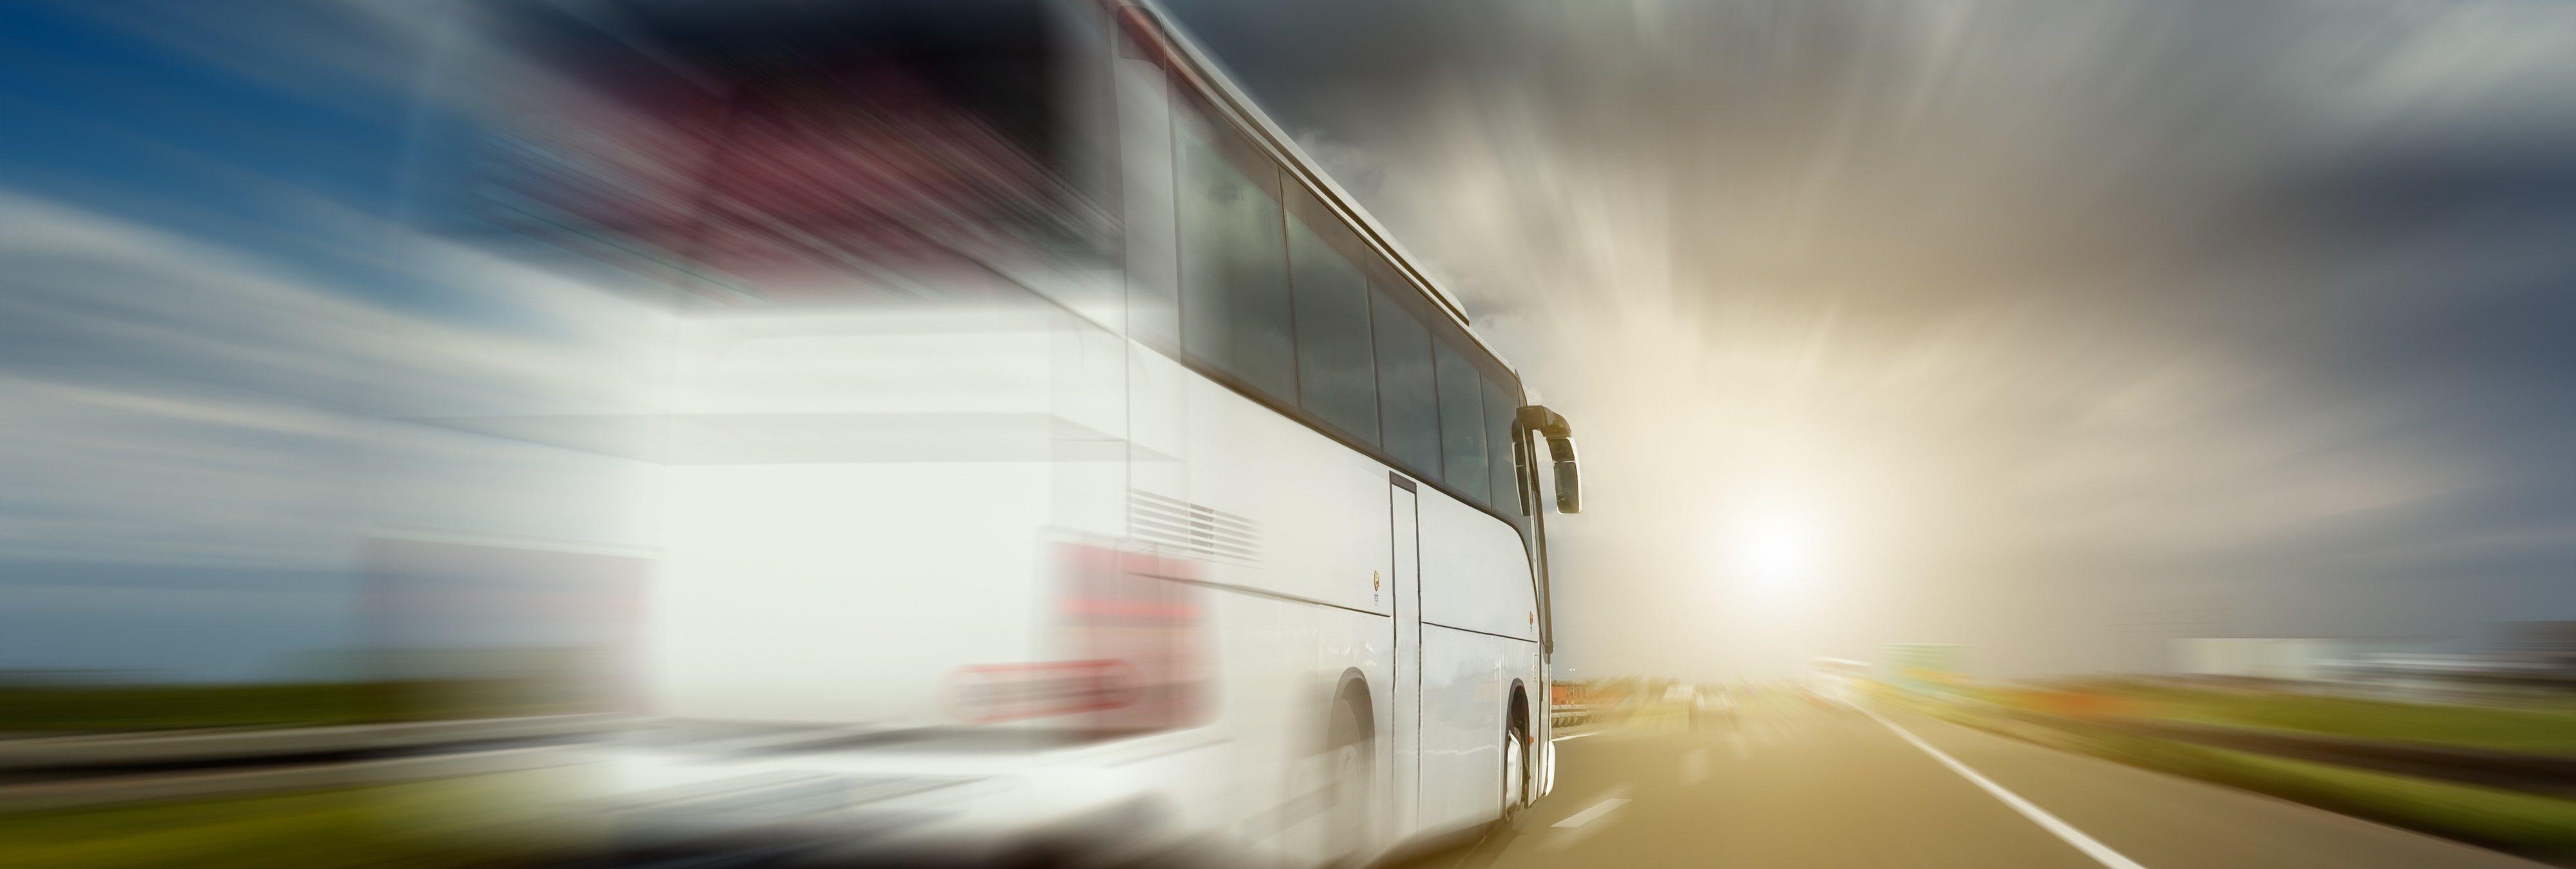 Detenido tras robar un autobús completamente ebrio y estamparlo contra un coche